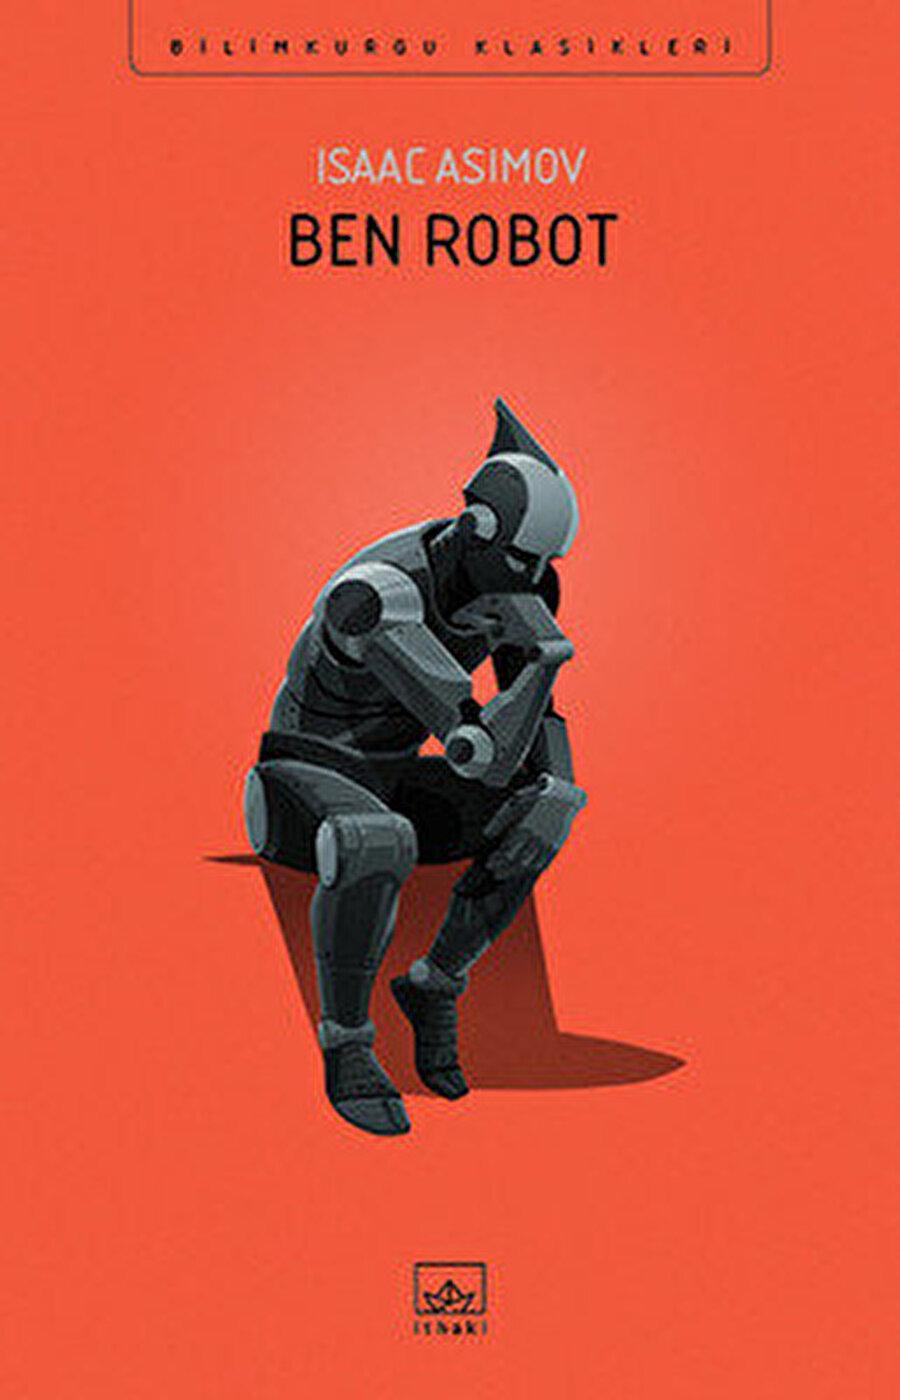 Isaac Asimov'un kaleme aldığı Ben Robot, 2004 yılında aynı isimle beyaz perdeye aktarılmıştır